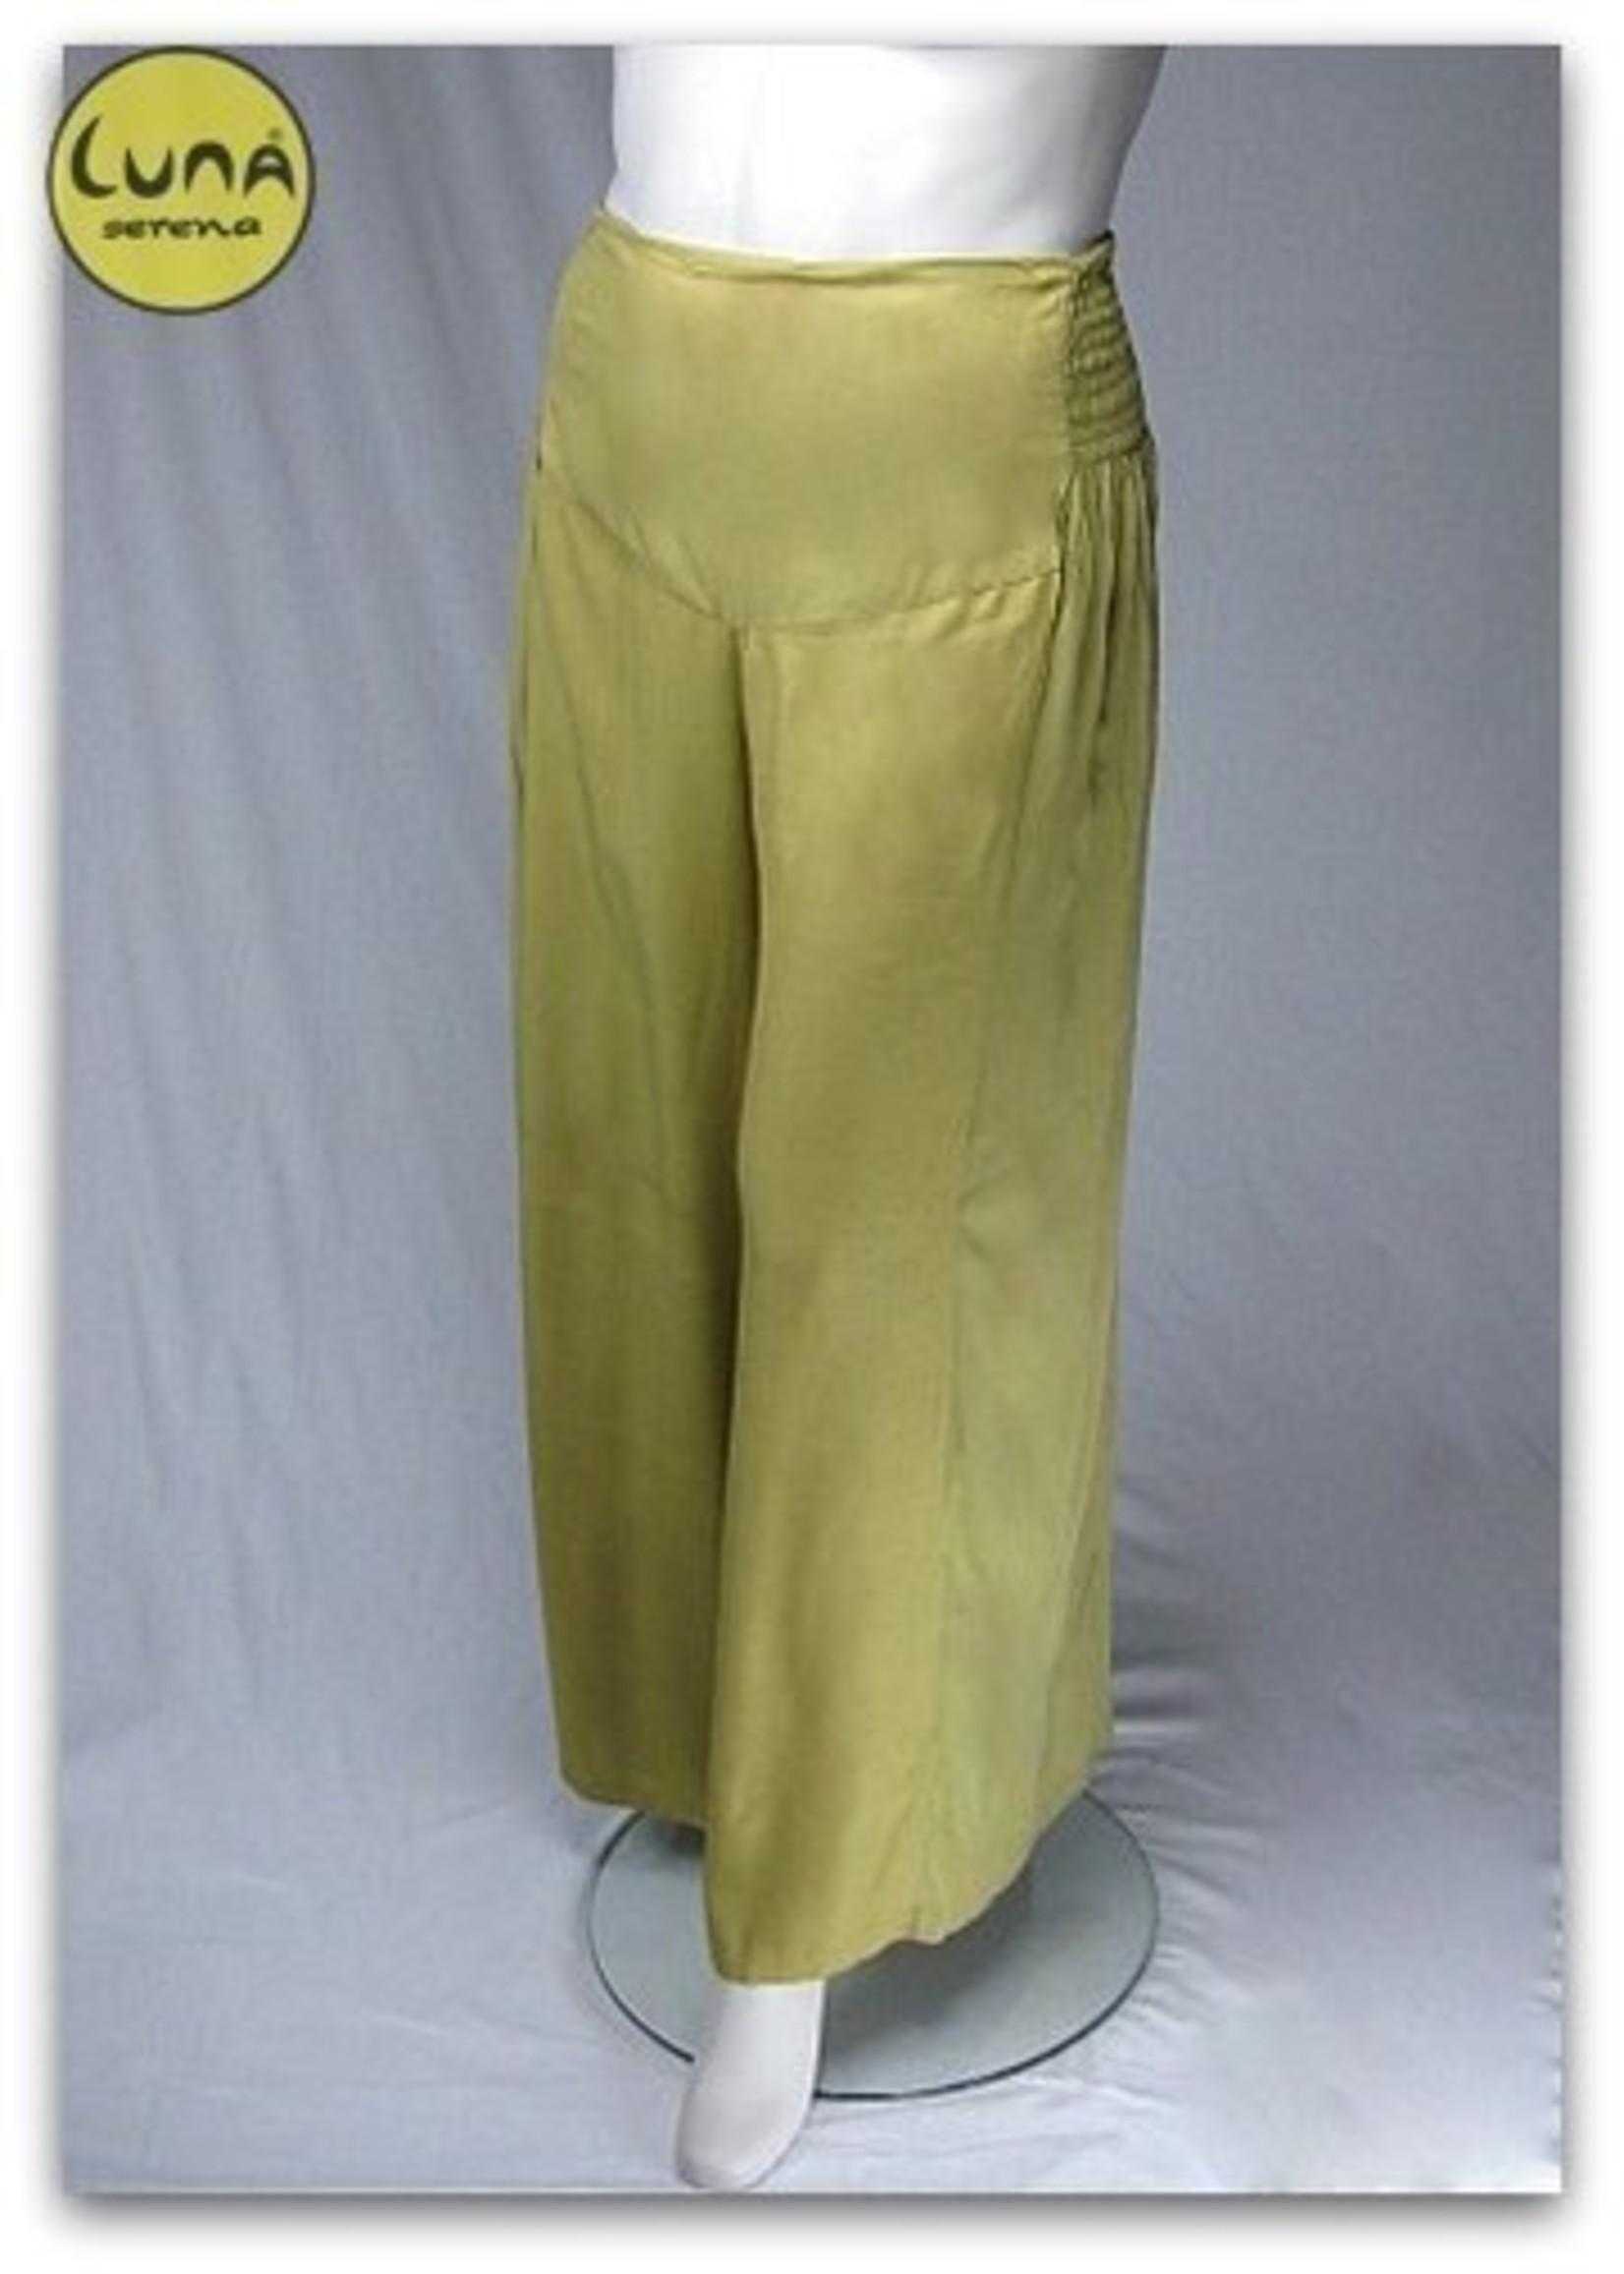 Luna Serena Pantalon COMFORT 54A UNI